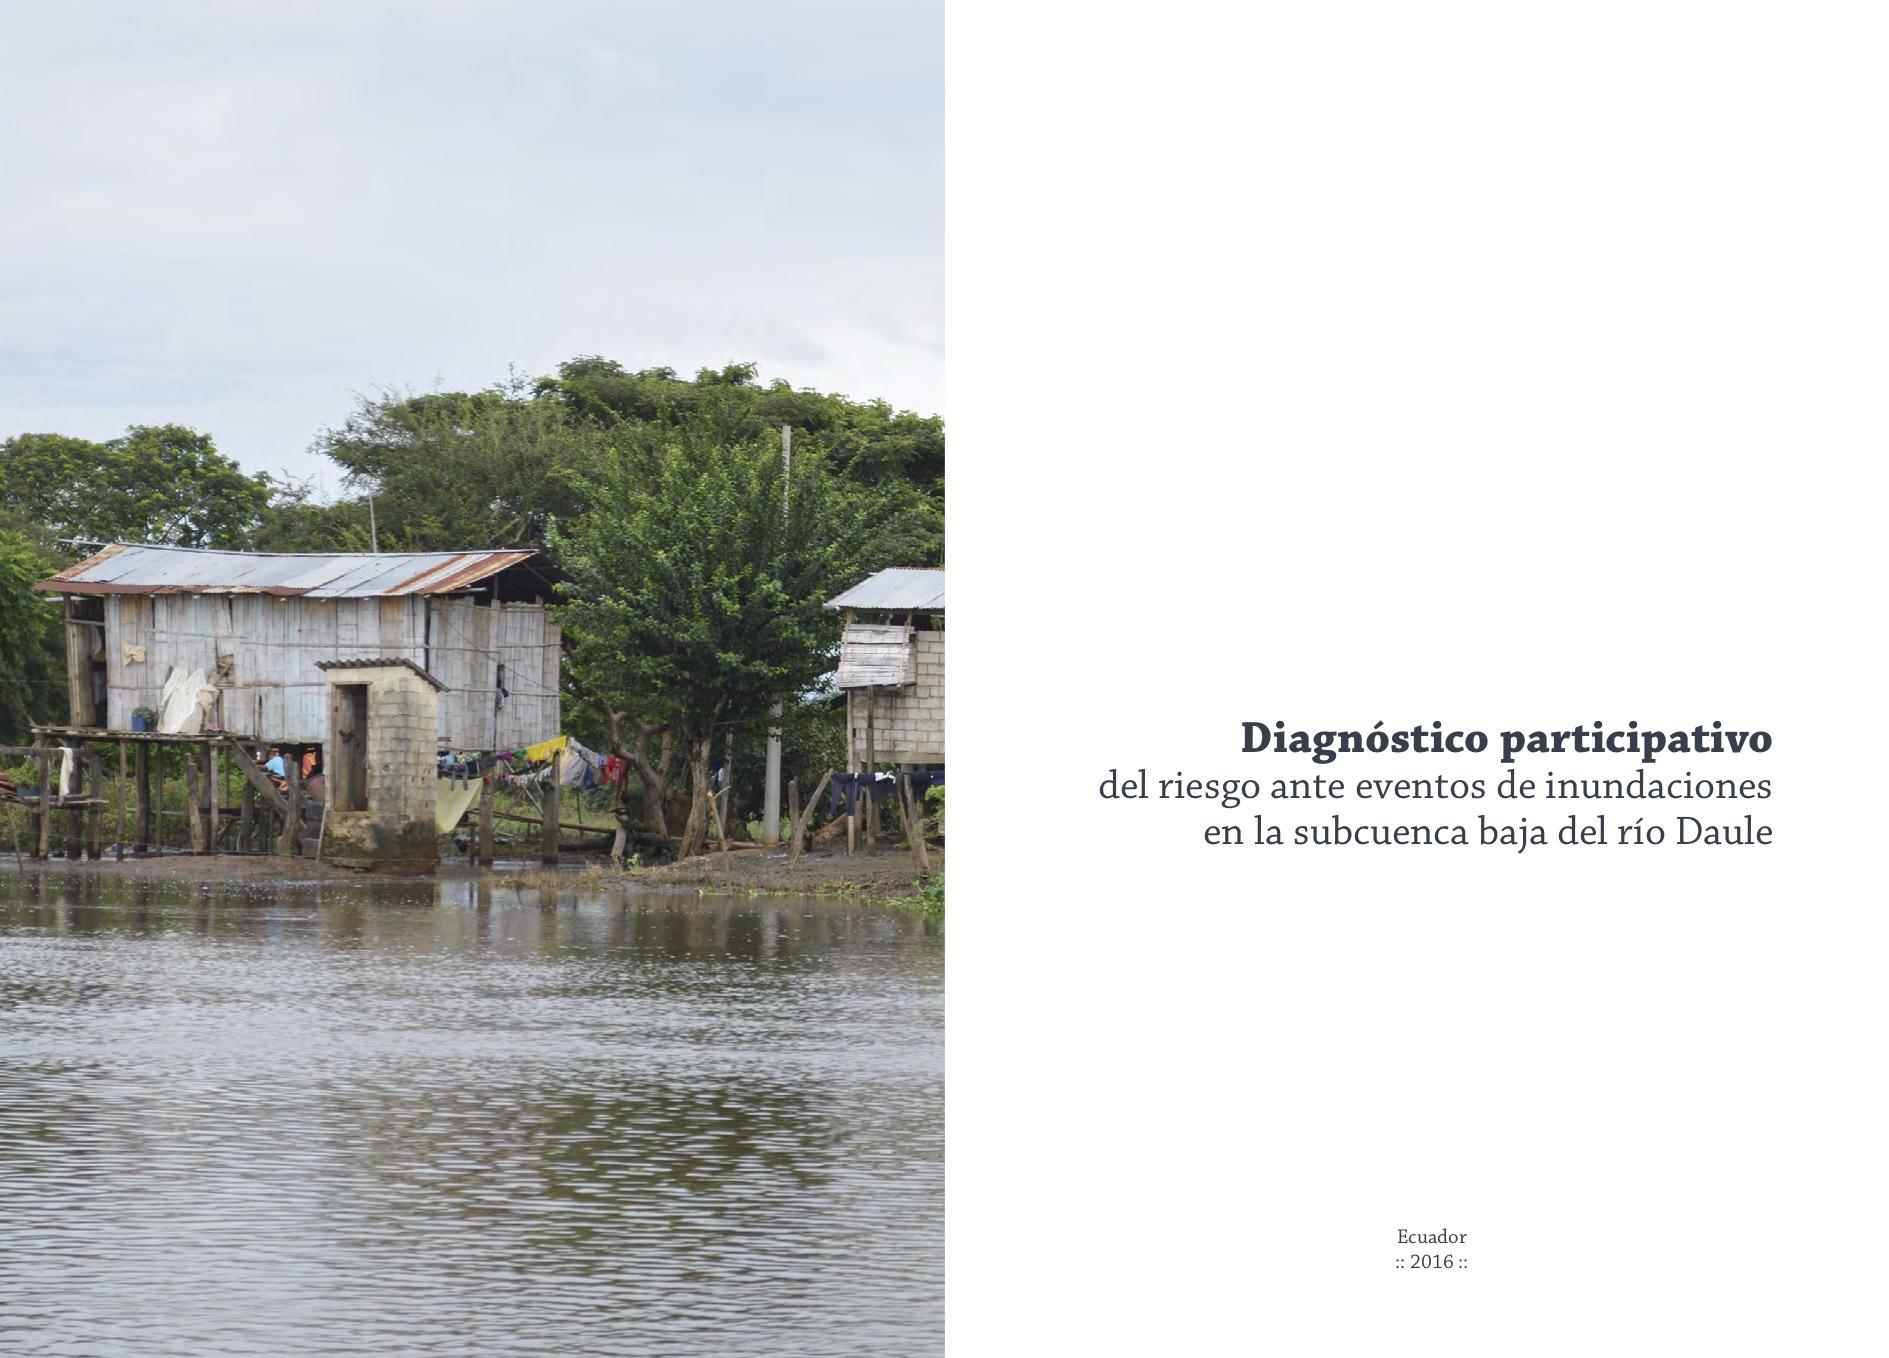 Diagnóstico participativo del riesgo ante eventos de inundaciones en la subcuenca del río Daule Image principale